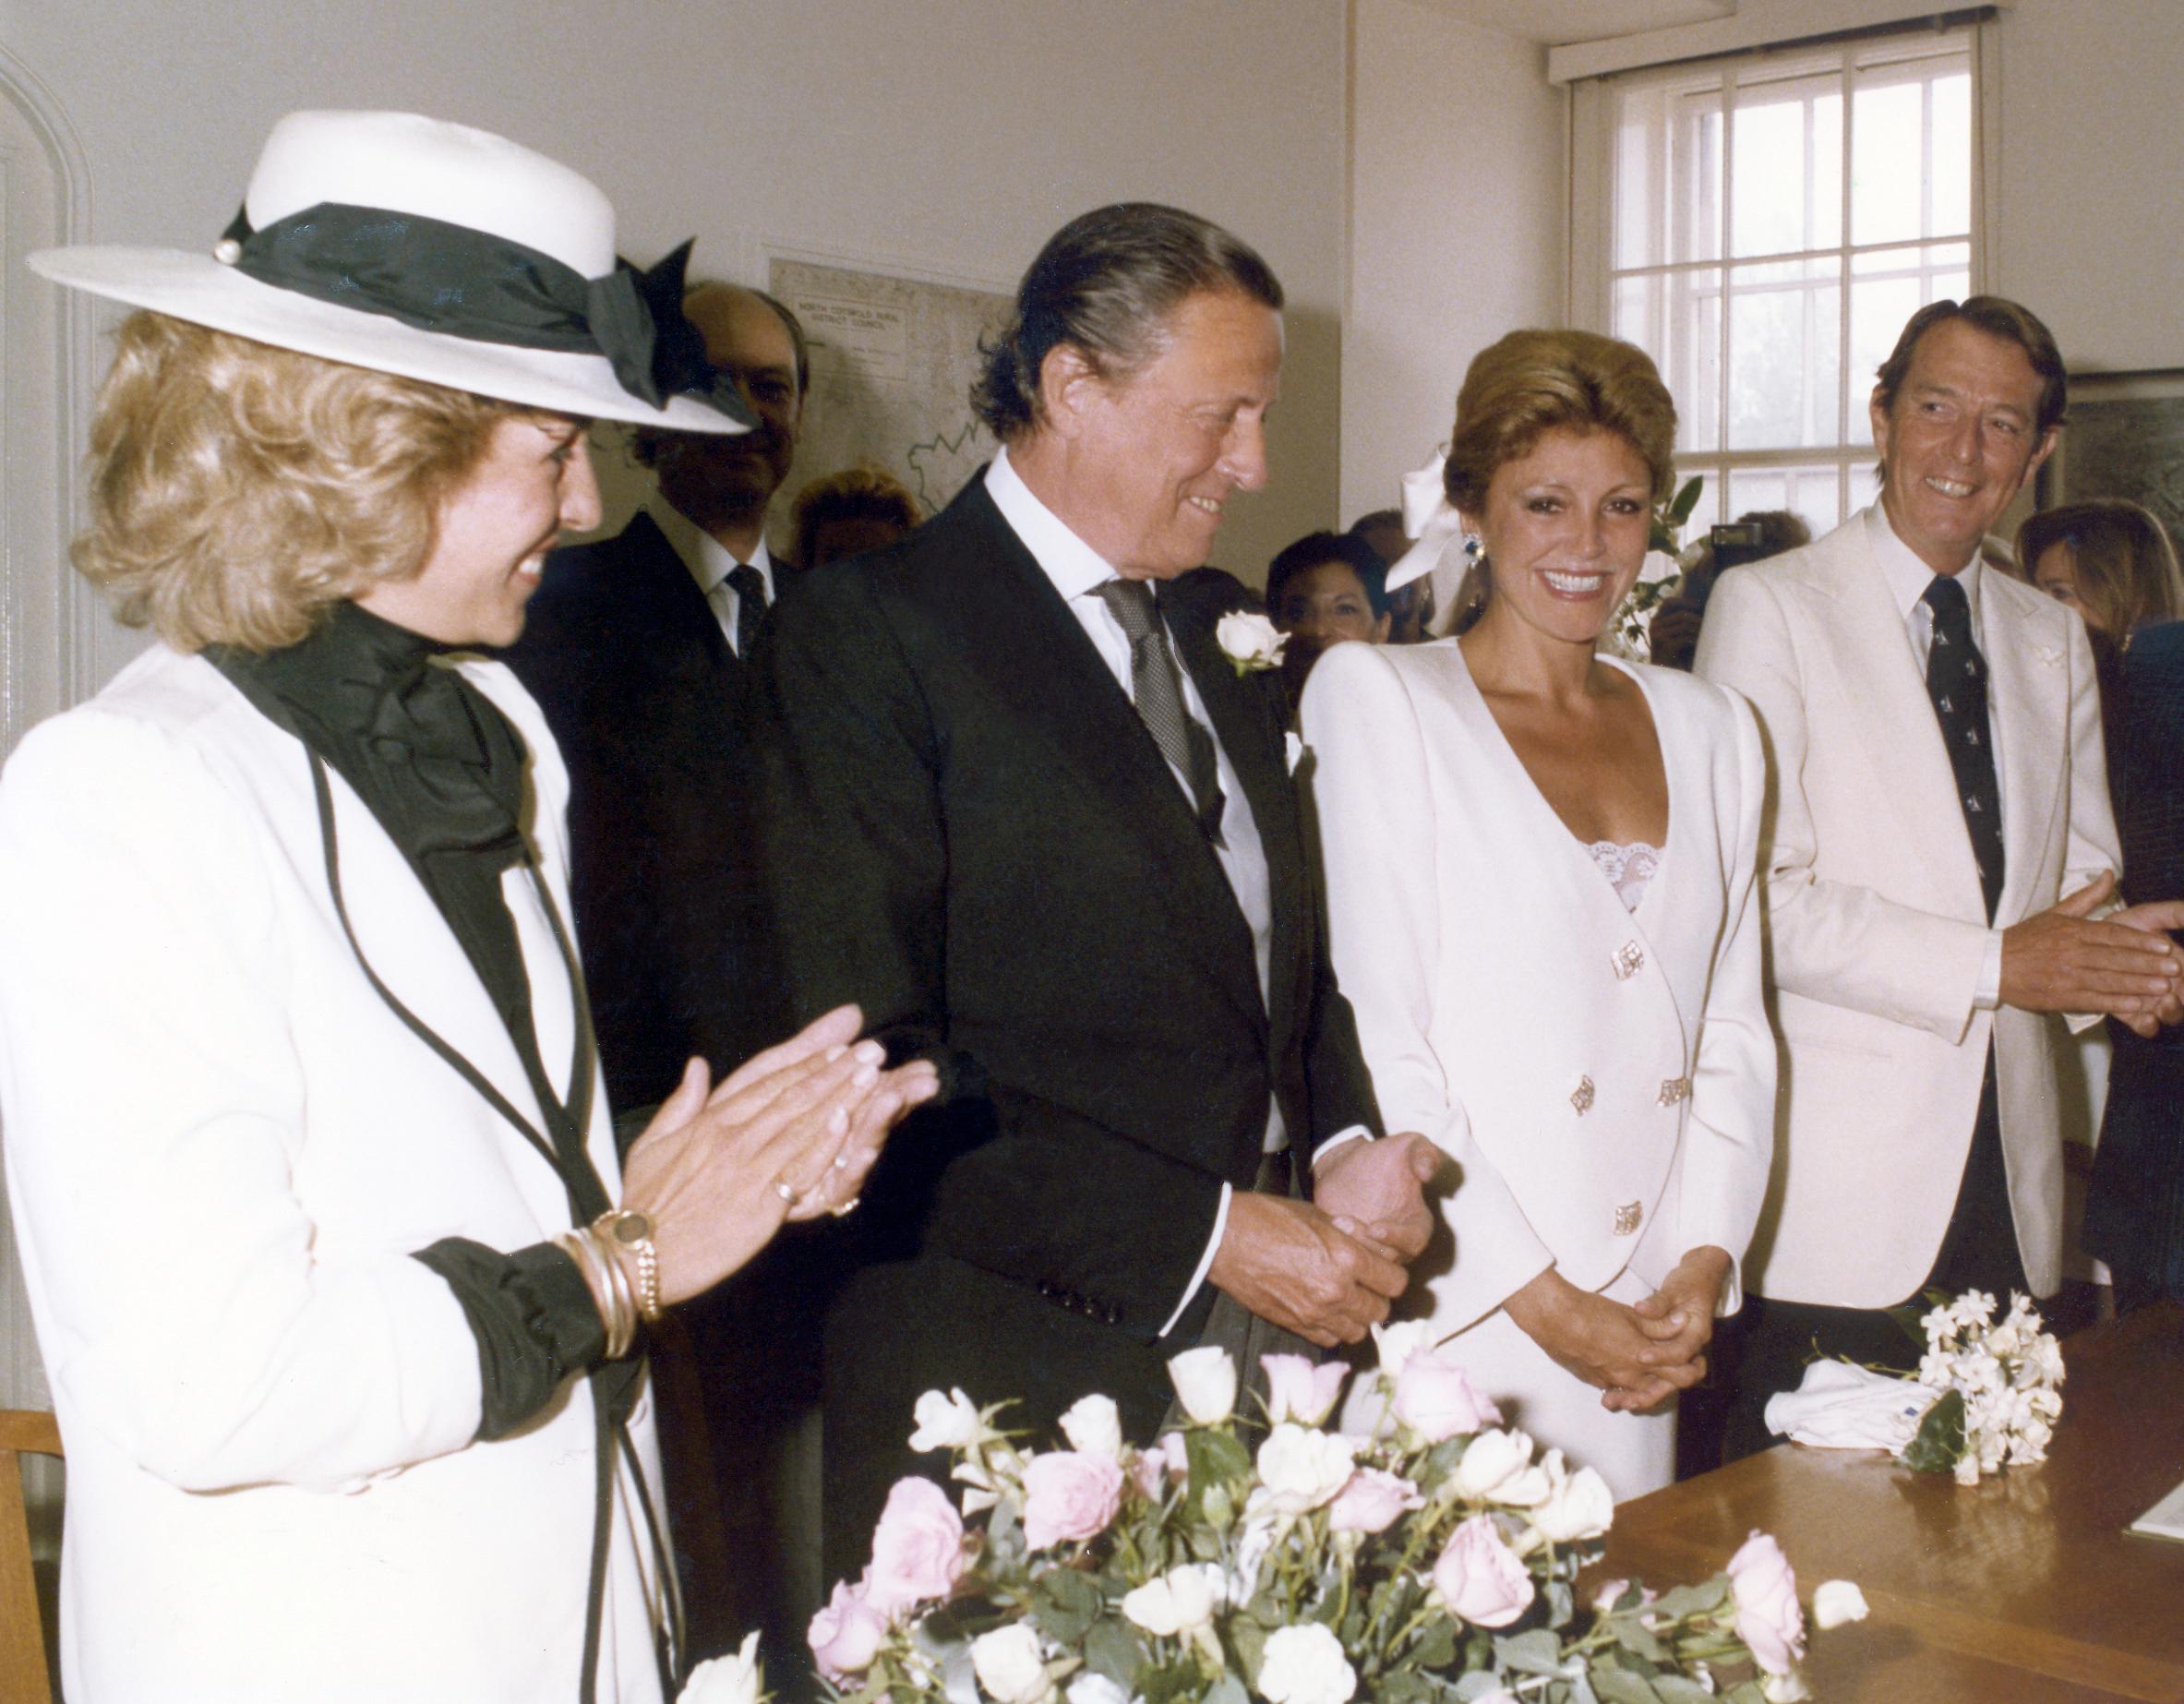 boda-del-baron-thyssen-y-tita-cervera-en-moreton-in-march-con-los-padrinos-la-duquesa-de-marlbourgh-y-el-duque-de-badajoz.jpg